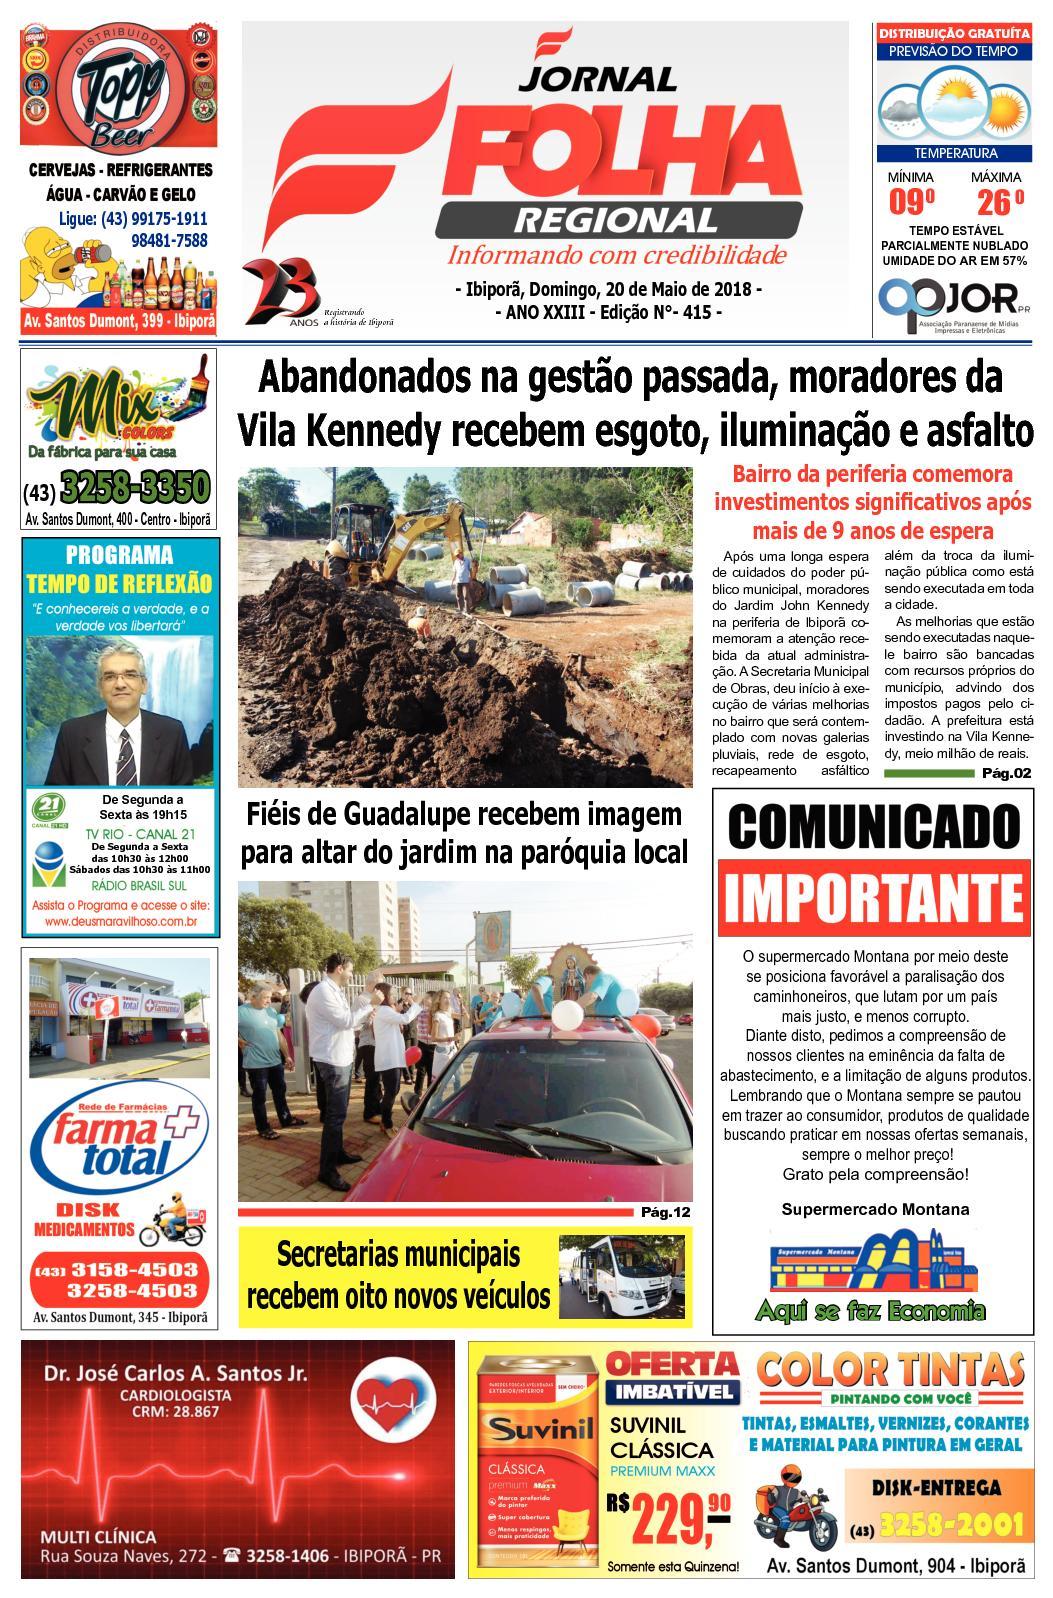 254ffbf466 Calaméo - Folha Regional 20 de Maio de 2018